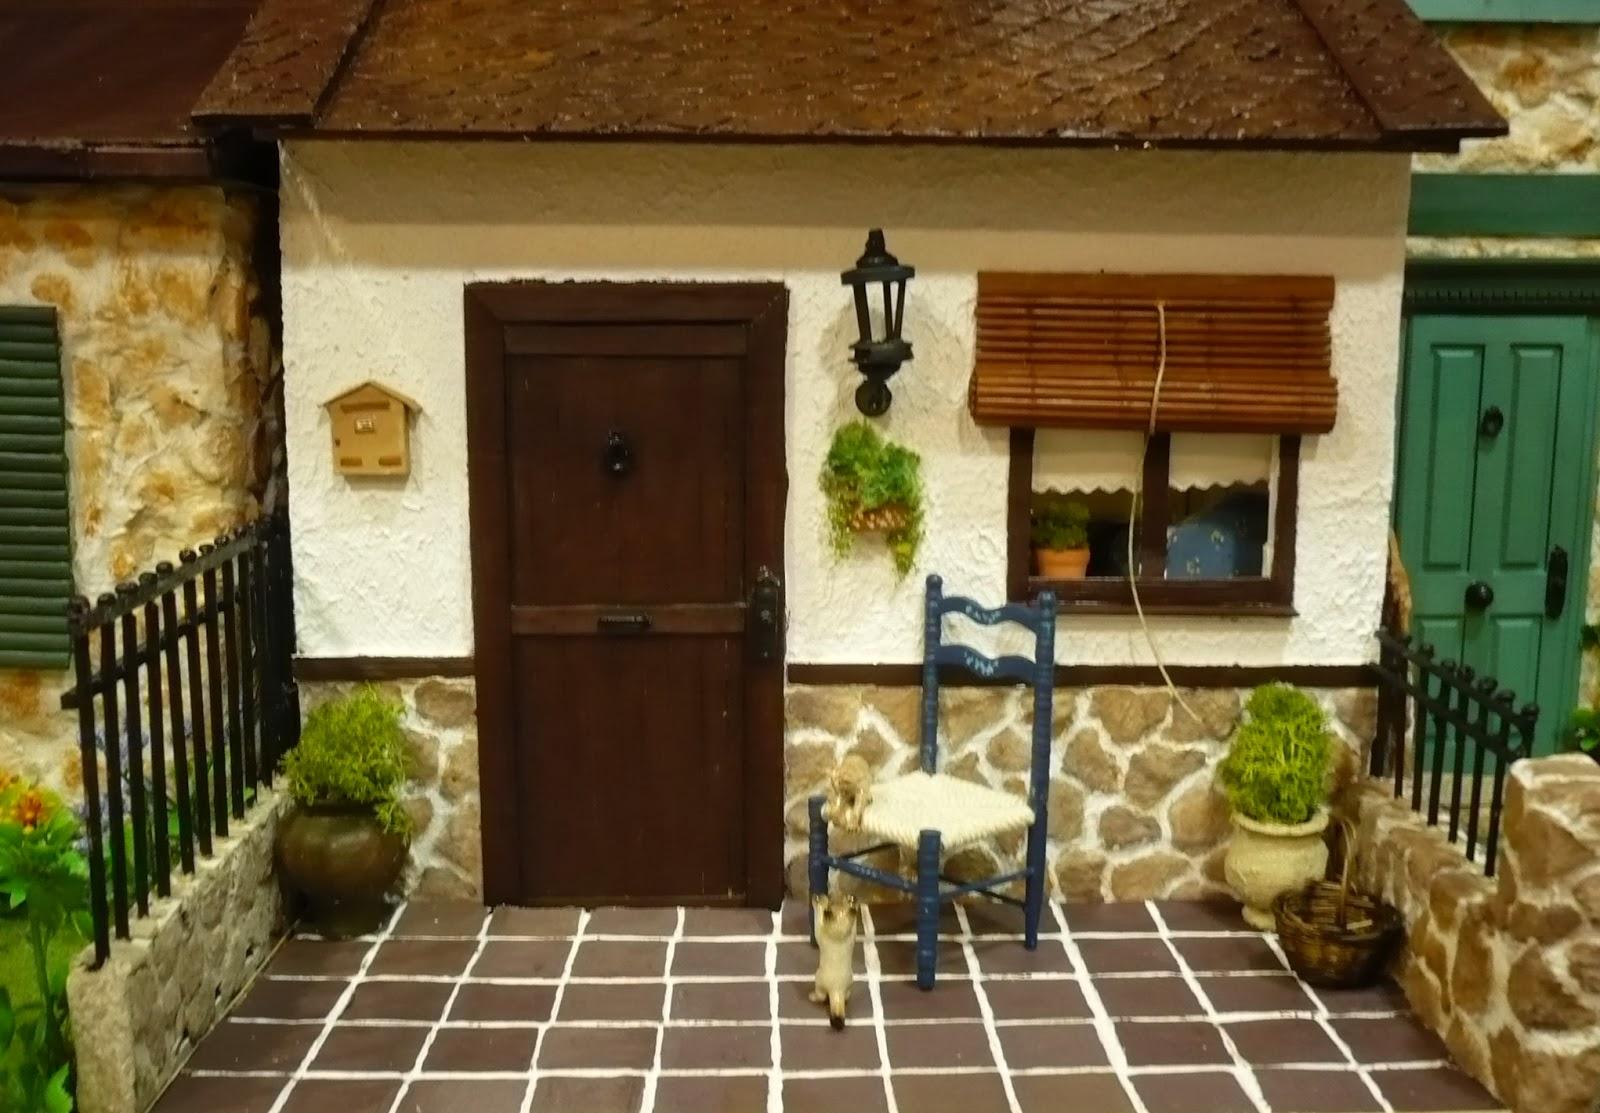 Top colores para casas por fuera images for pinterest tattoos - Colores para pintar una casa por fuera ...